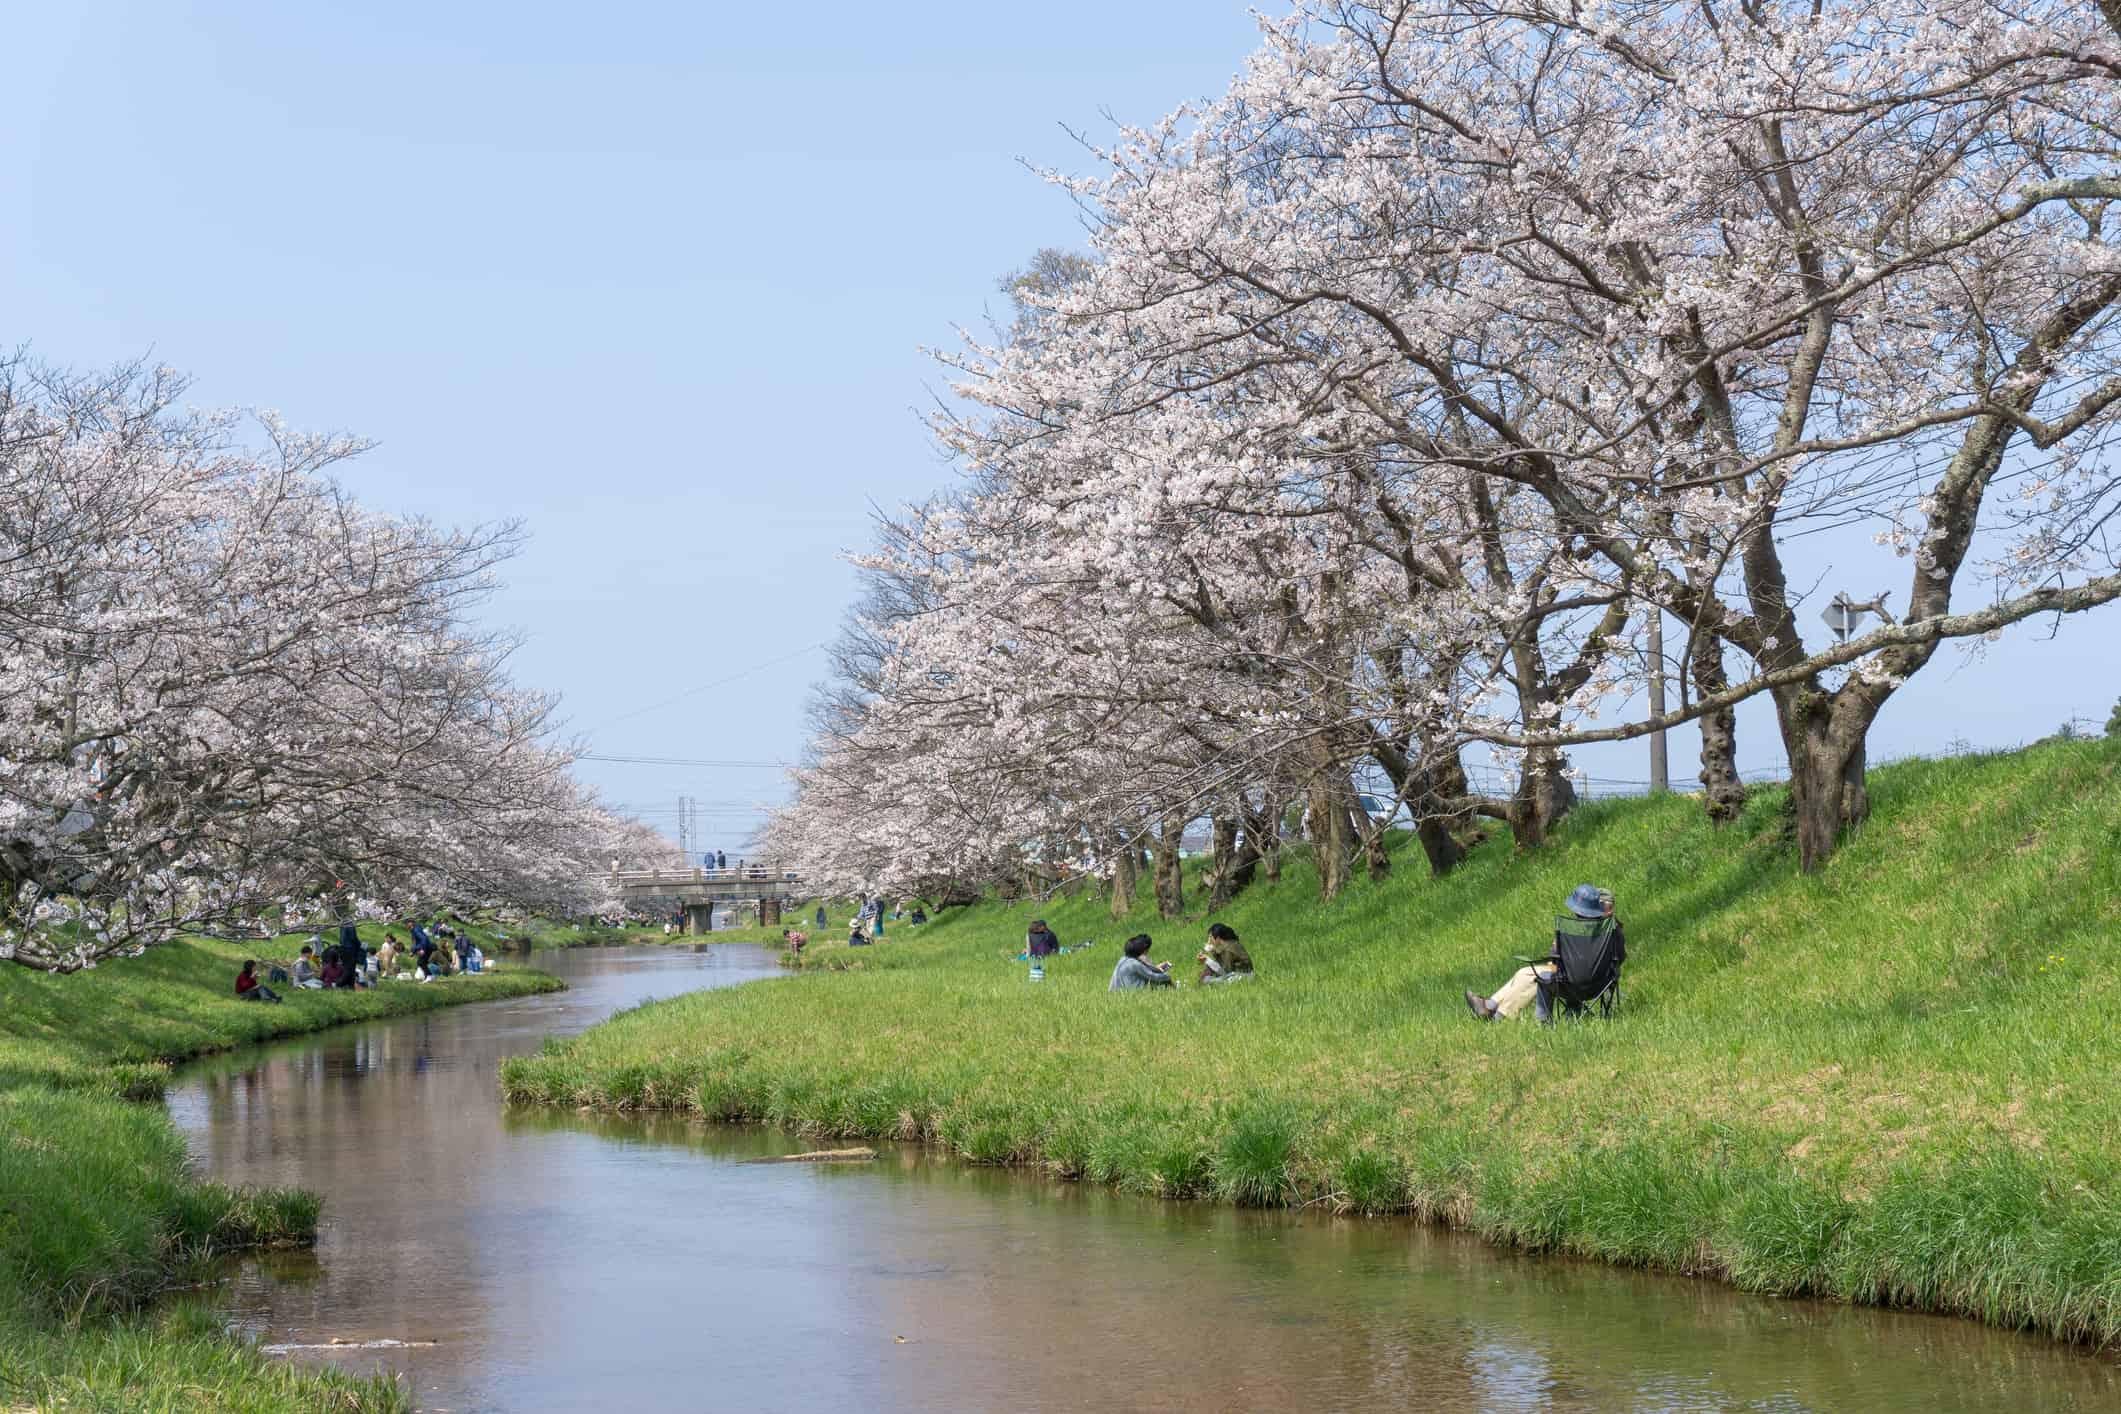 Sakura blooming at Tamayu Riverbank, Japan